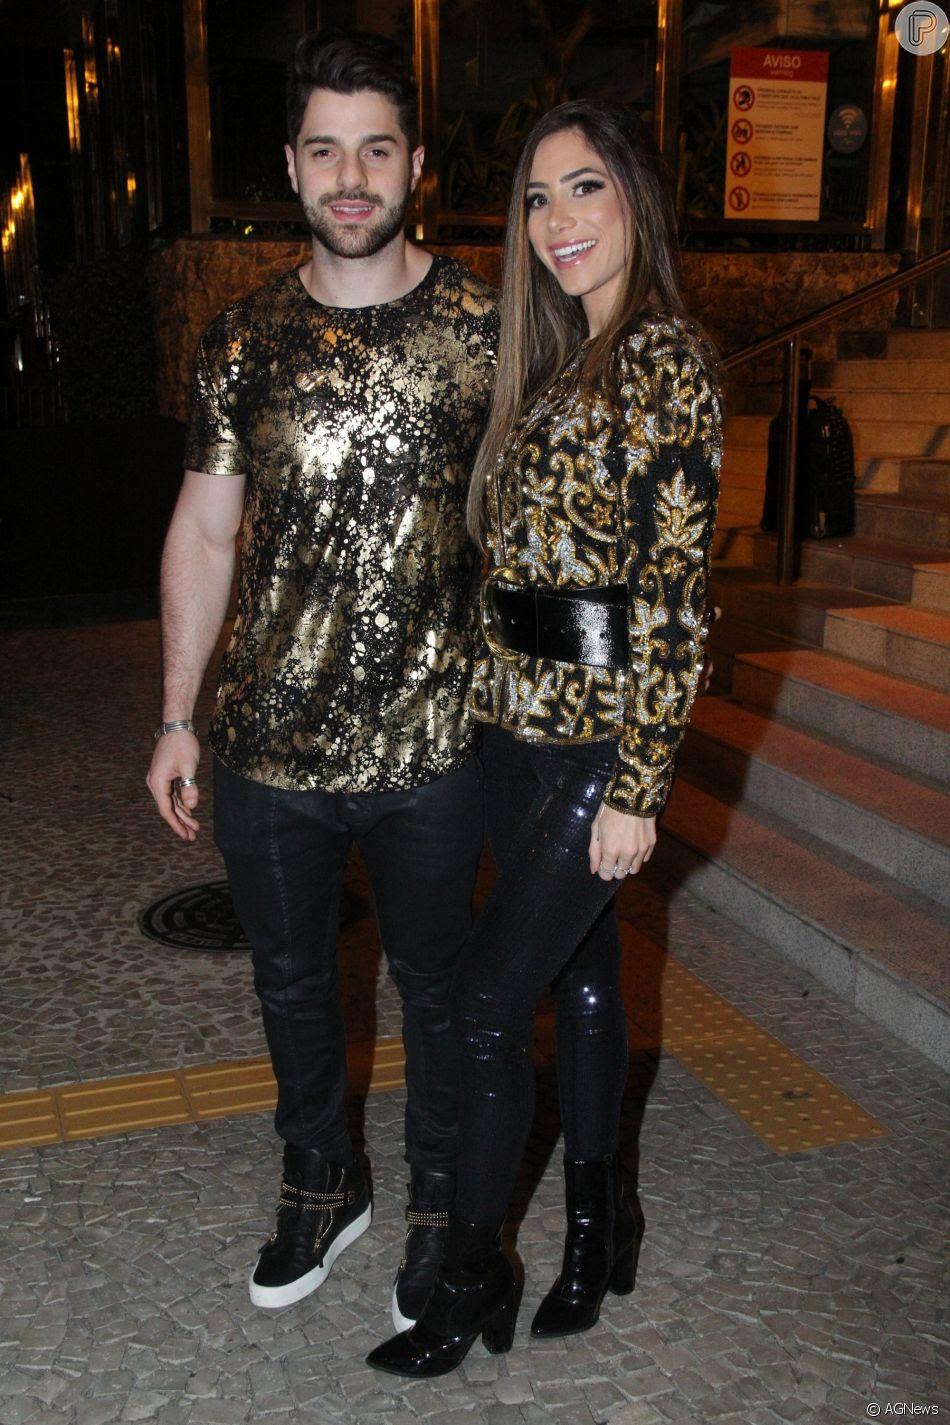 Alok e a namorada, Romana Novais, prestigiaram o aniversário de Marina Ruy Barbosa na noite deste sábado, 30 de junho de 2018, no Morro da Urca, no Rio de Janeiro